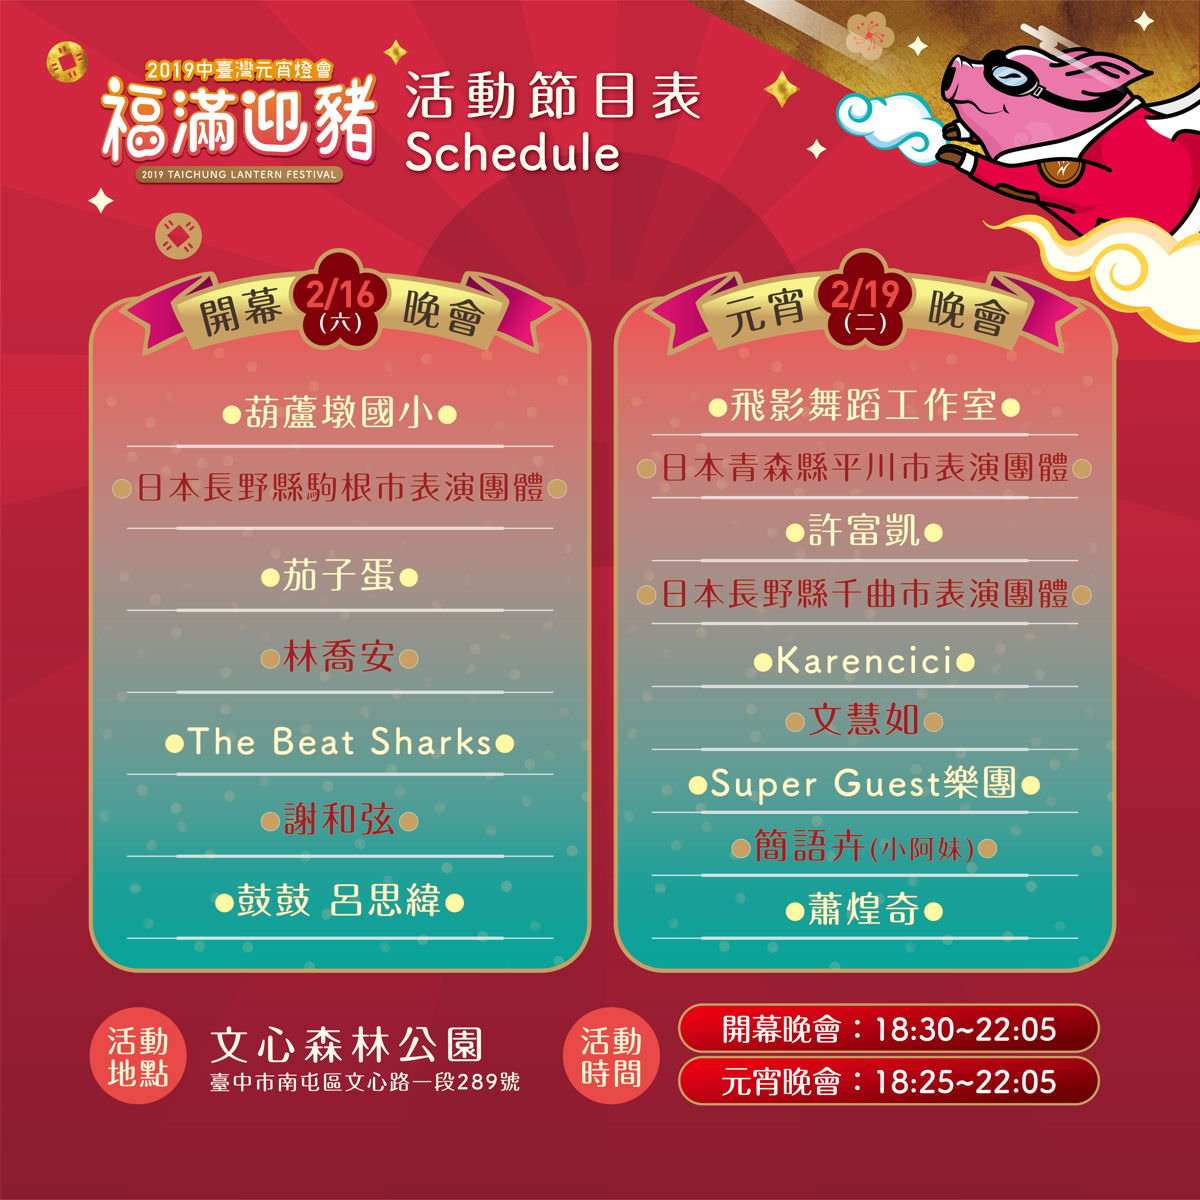 20190210030358 9 - 2019中台灣元宵燈會-新打卡點創意皮克區,還有限量飛天豬小提燈發放時間和晚會活動及交通資訊